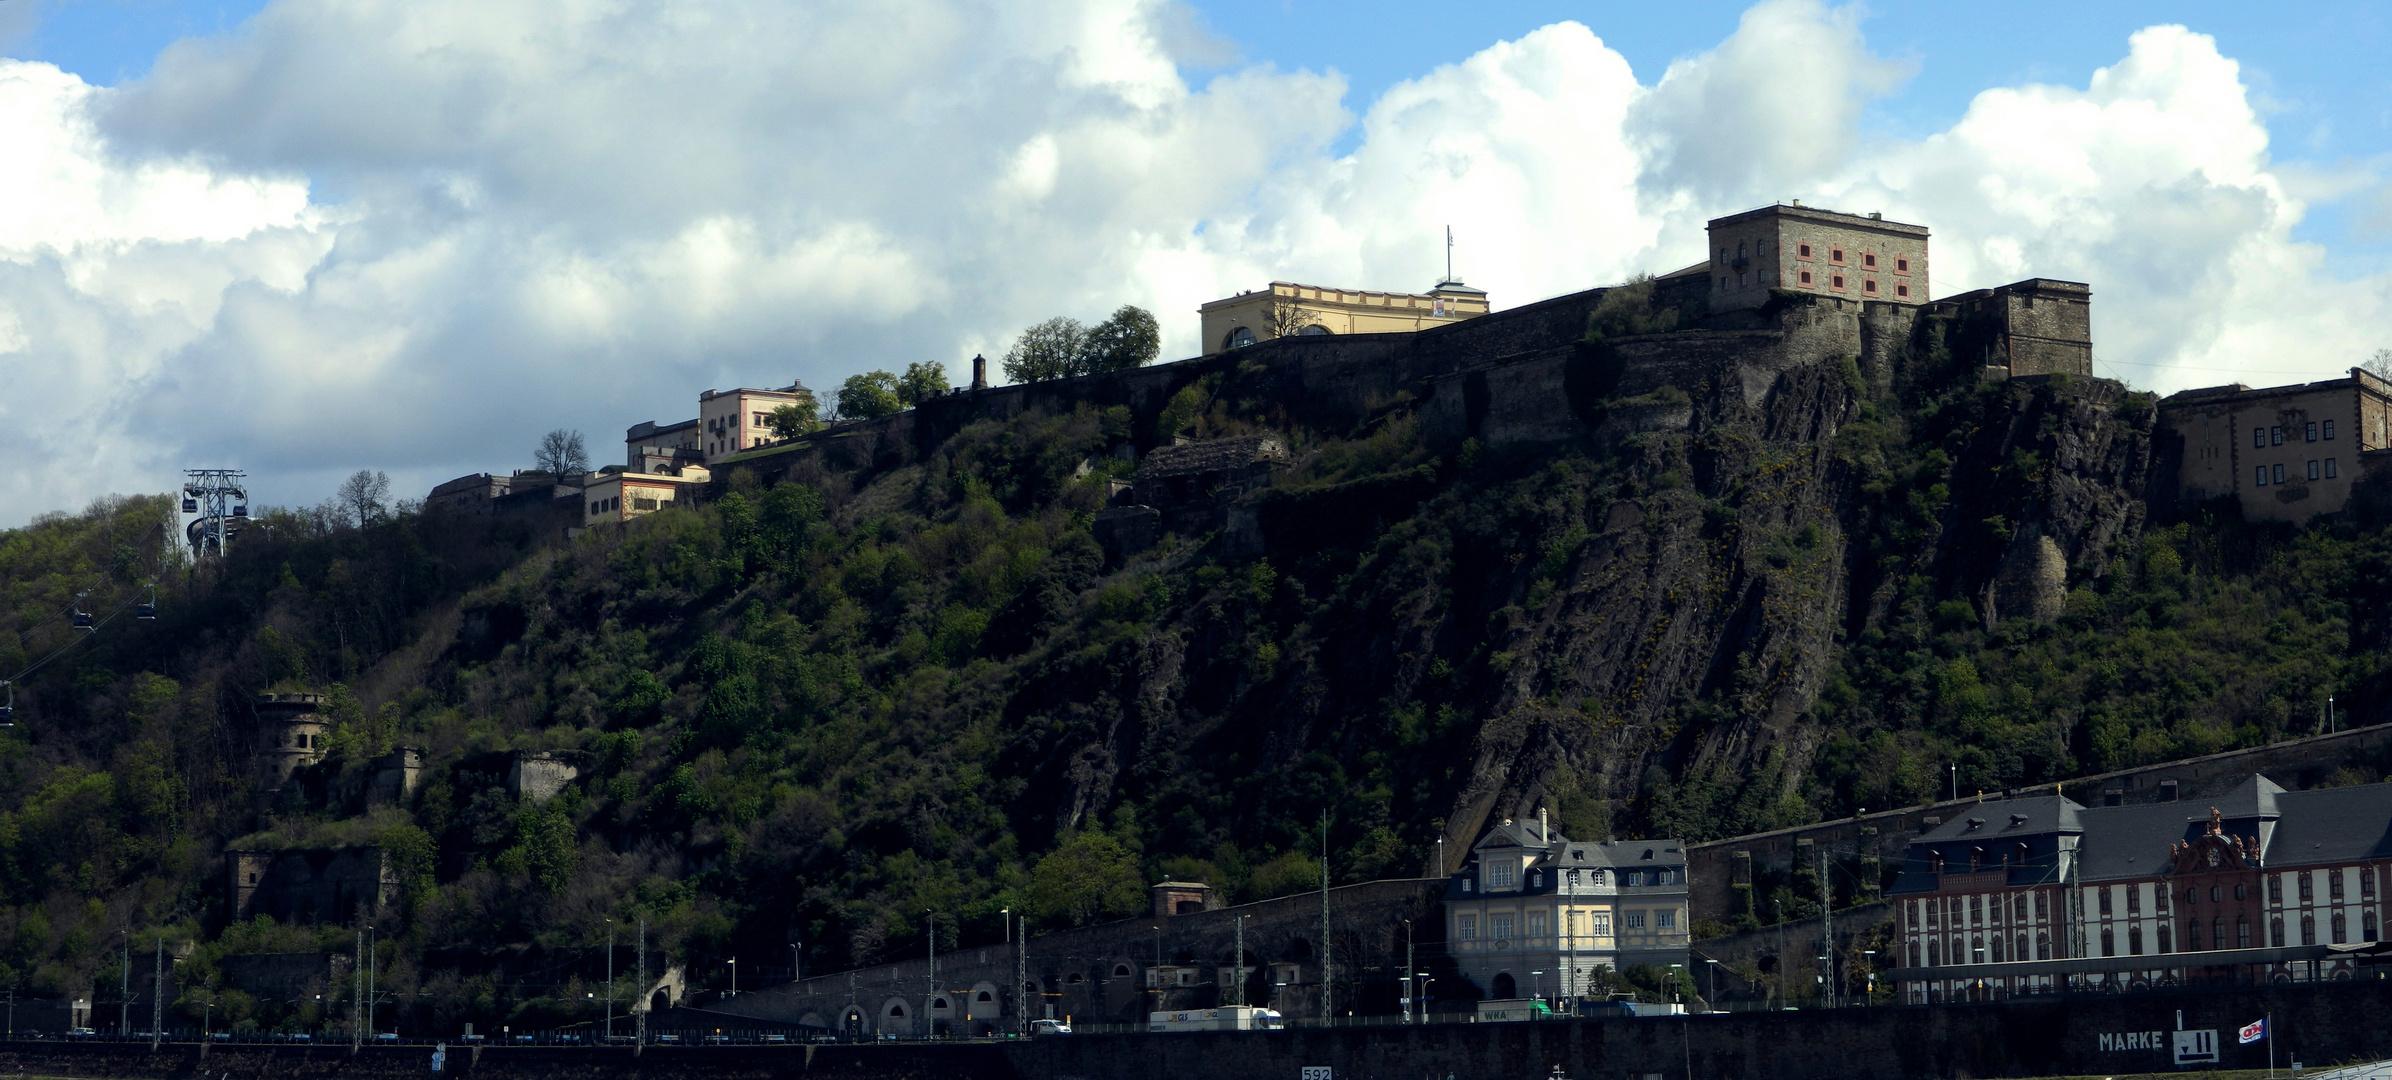 Panorama: Festung Ehrenbreitstein